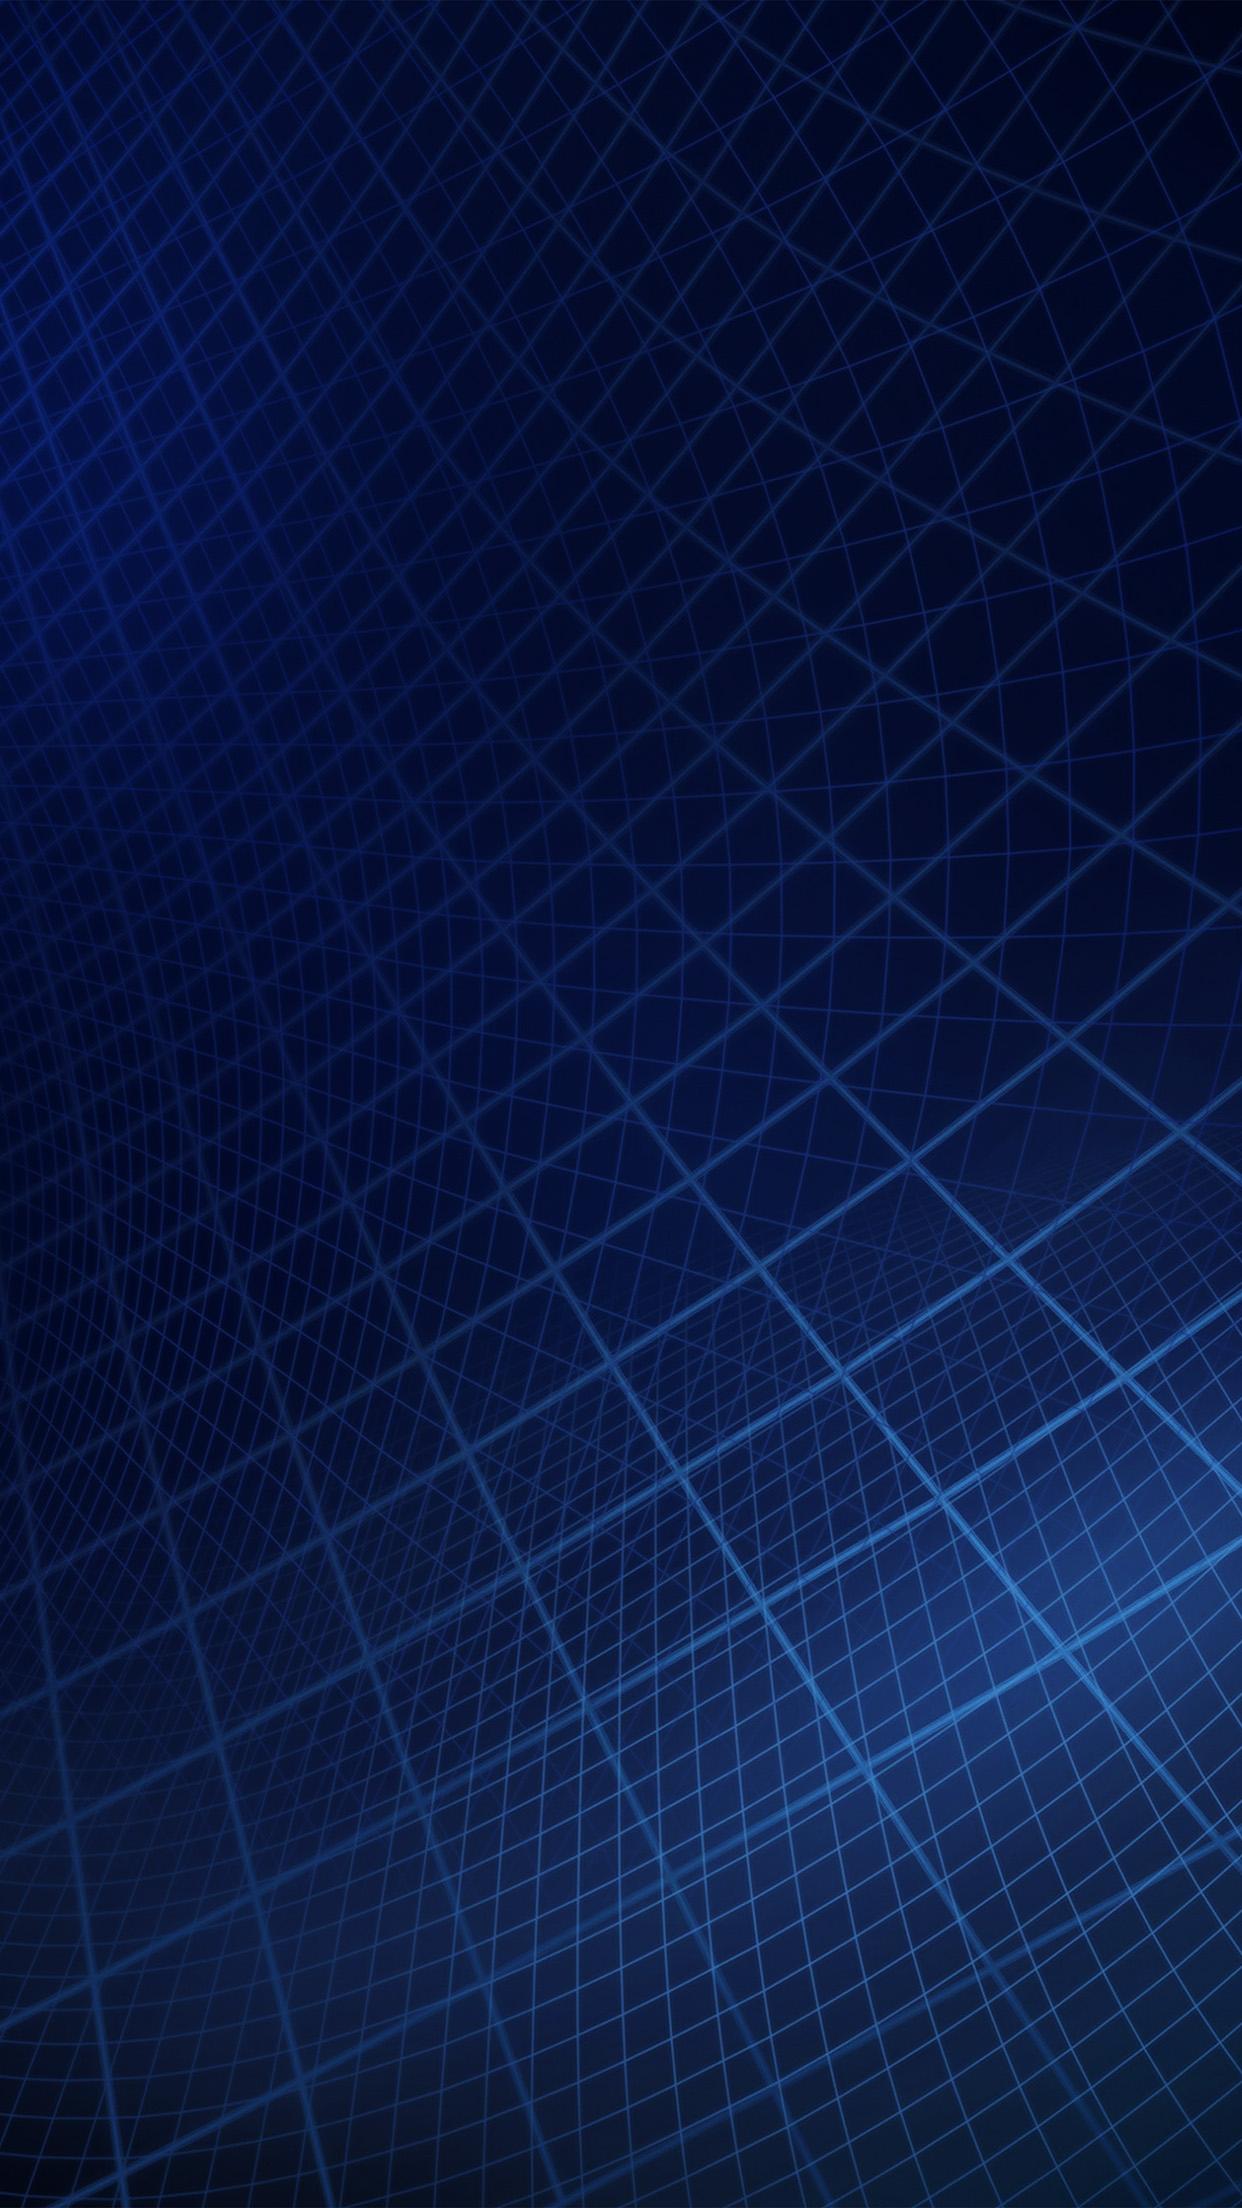 Vt16 Abstract Line Digital Dark Blue Pattern Wallpaper